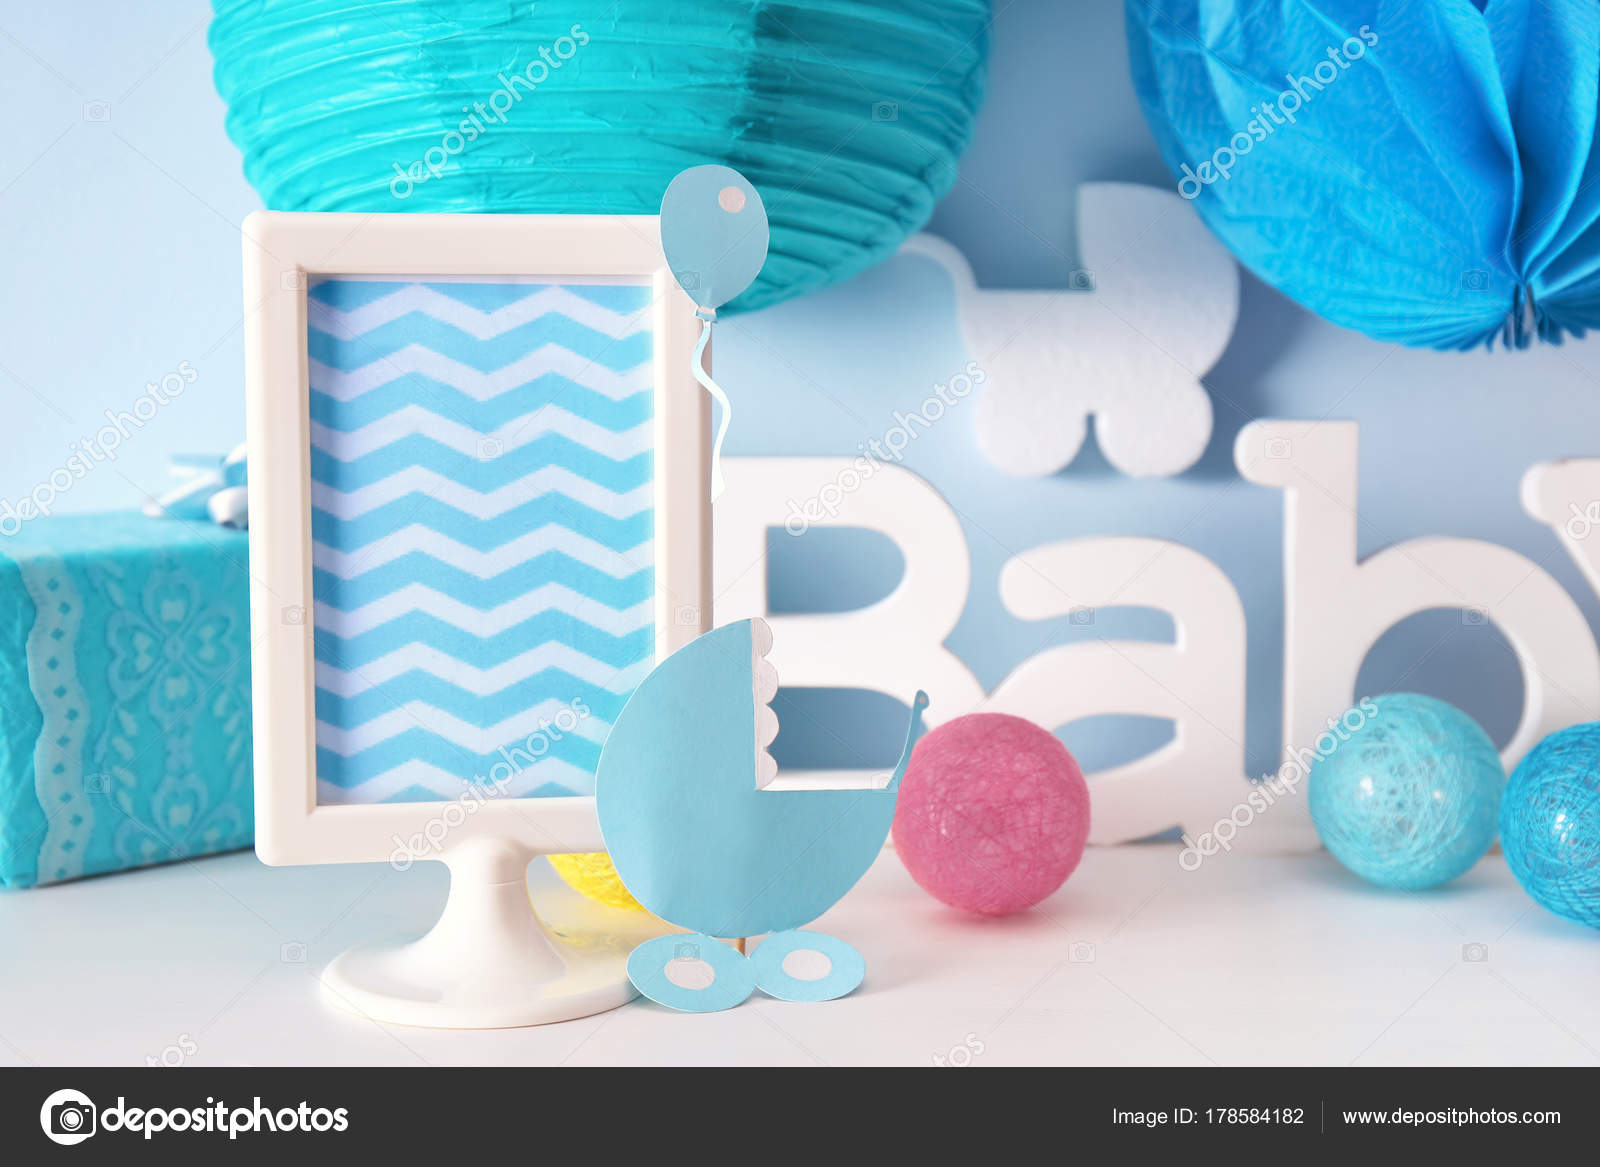 Decoraciones Para Baby Shower En El Interior Del Partido Fotos De - Decoracion-para-baby-shower